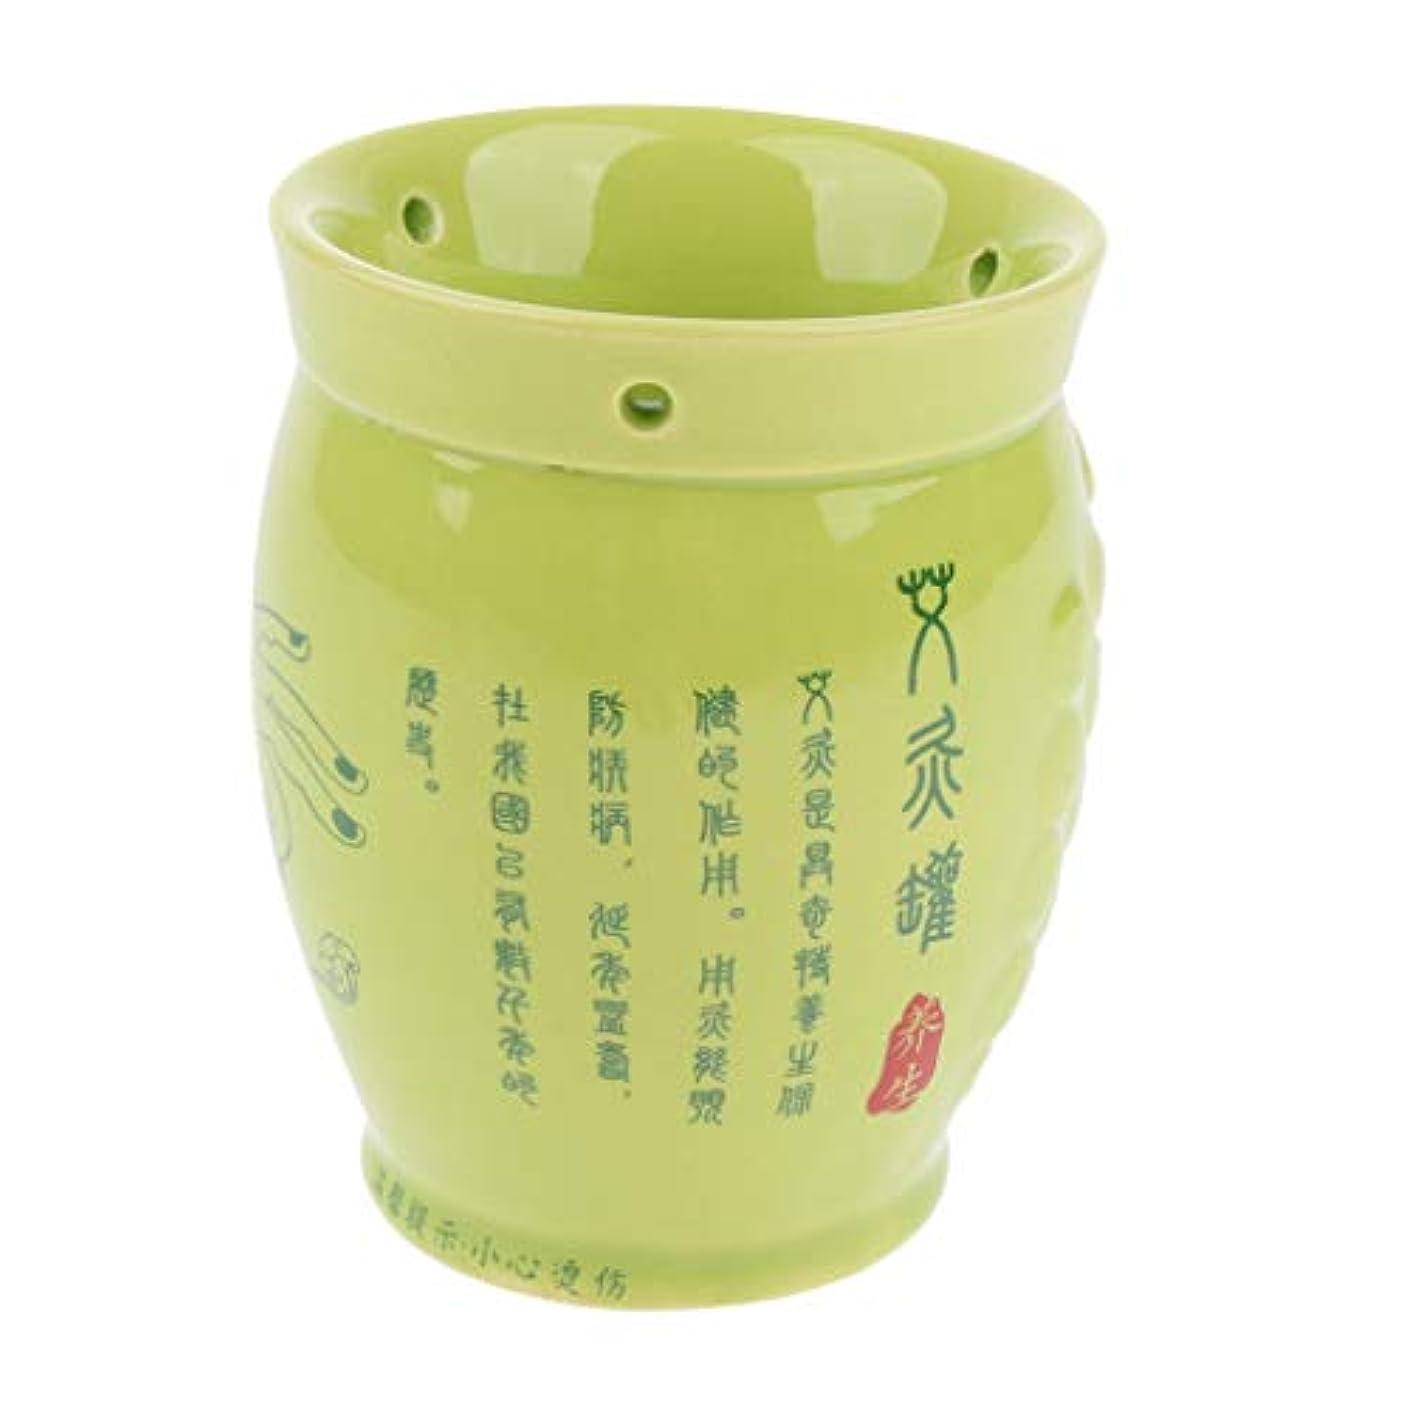 要塞コーチ残酷なBaoblaze 全身マッサージ カッピングカップ 缶 ポット お灸 中国式 セラミック 健康ケア